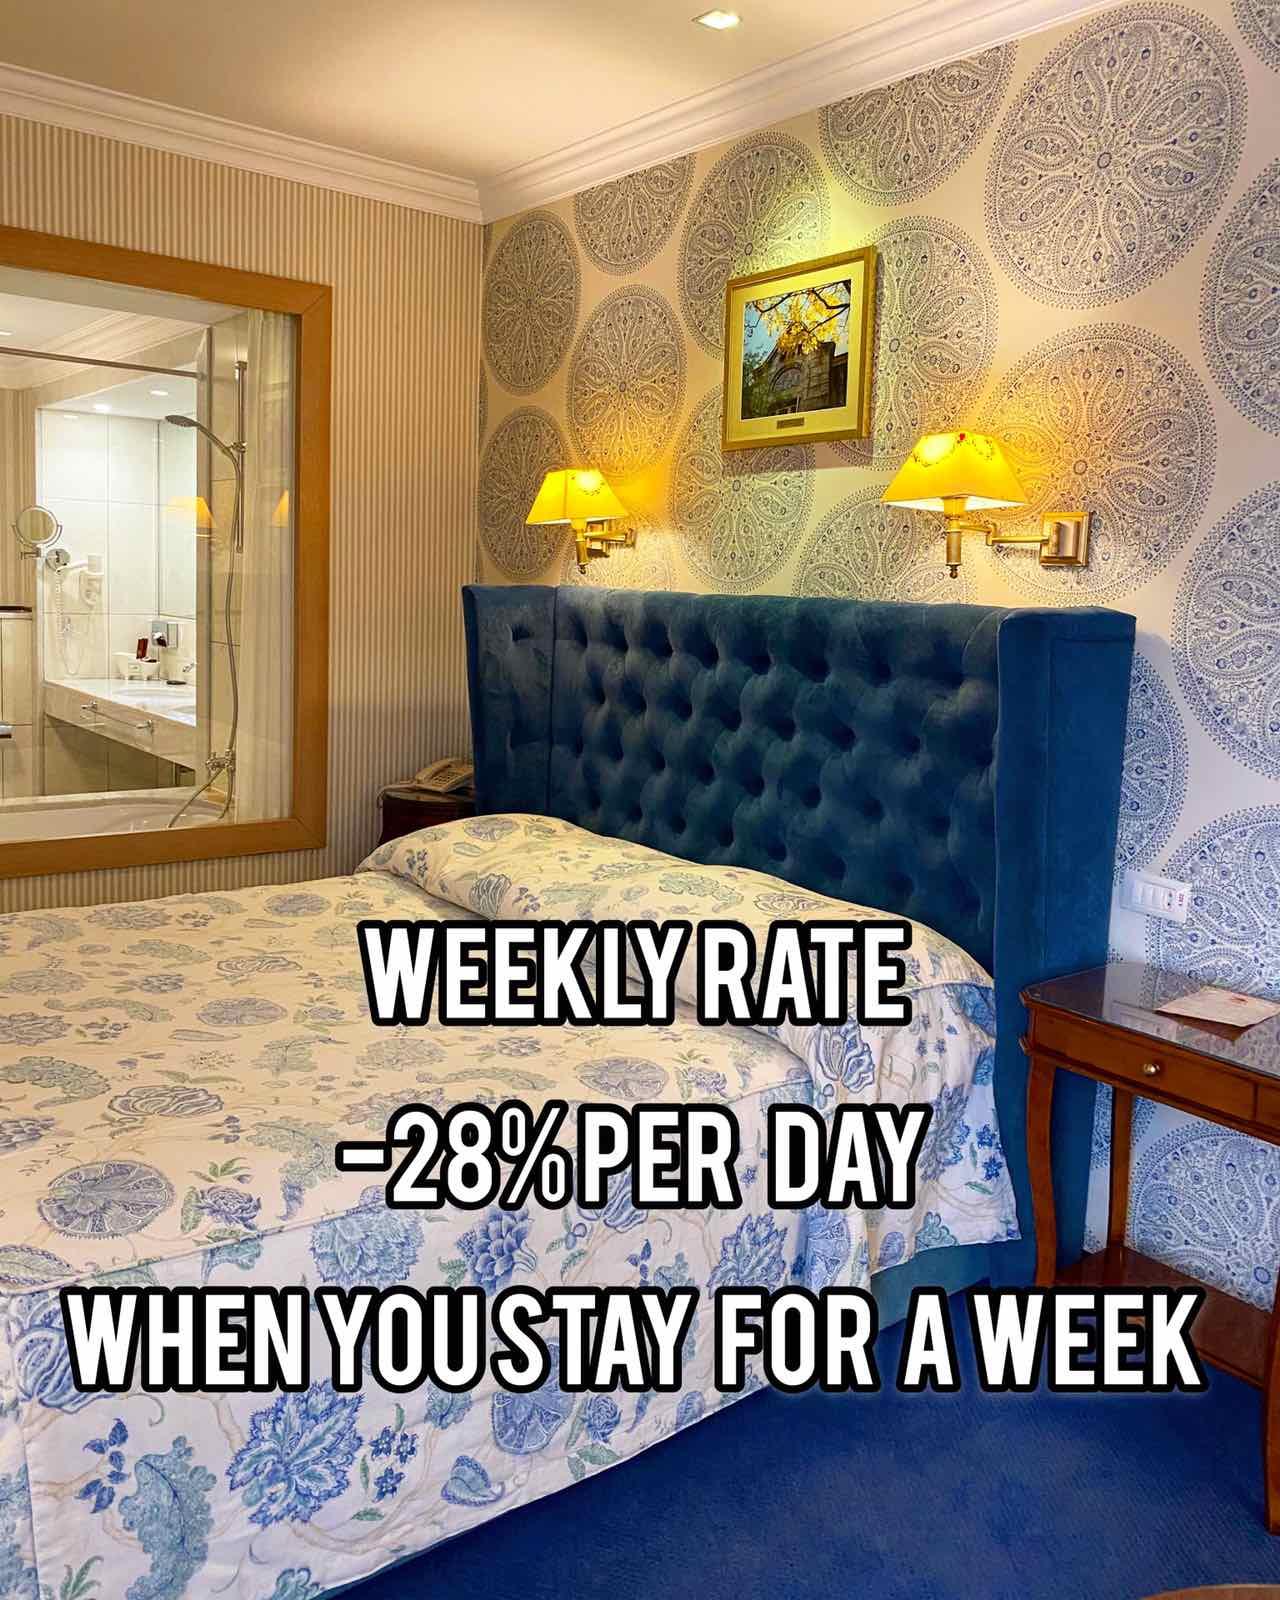 zaoszczędź do 28% za noc *STAWKA TYGODNIOWA